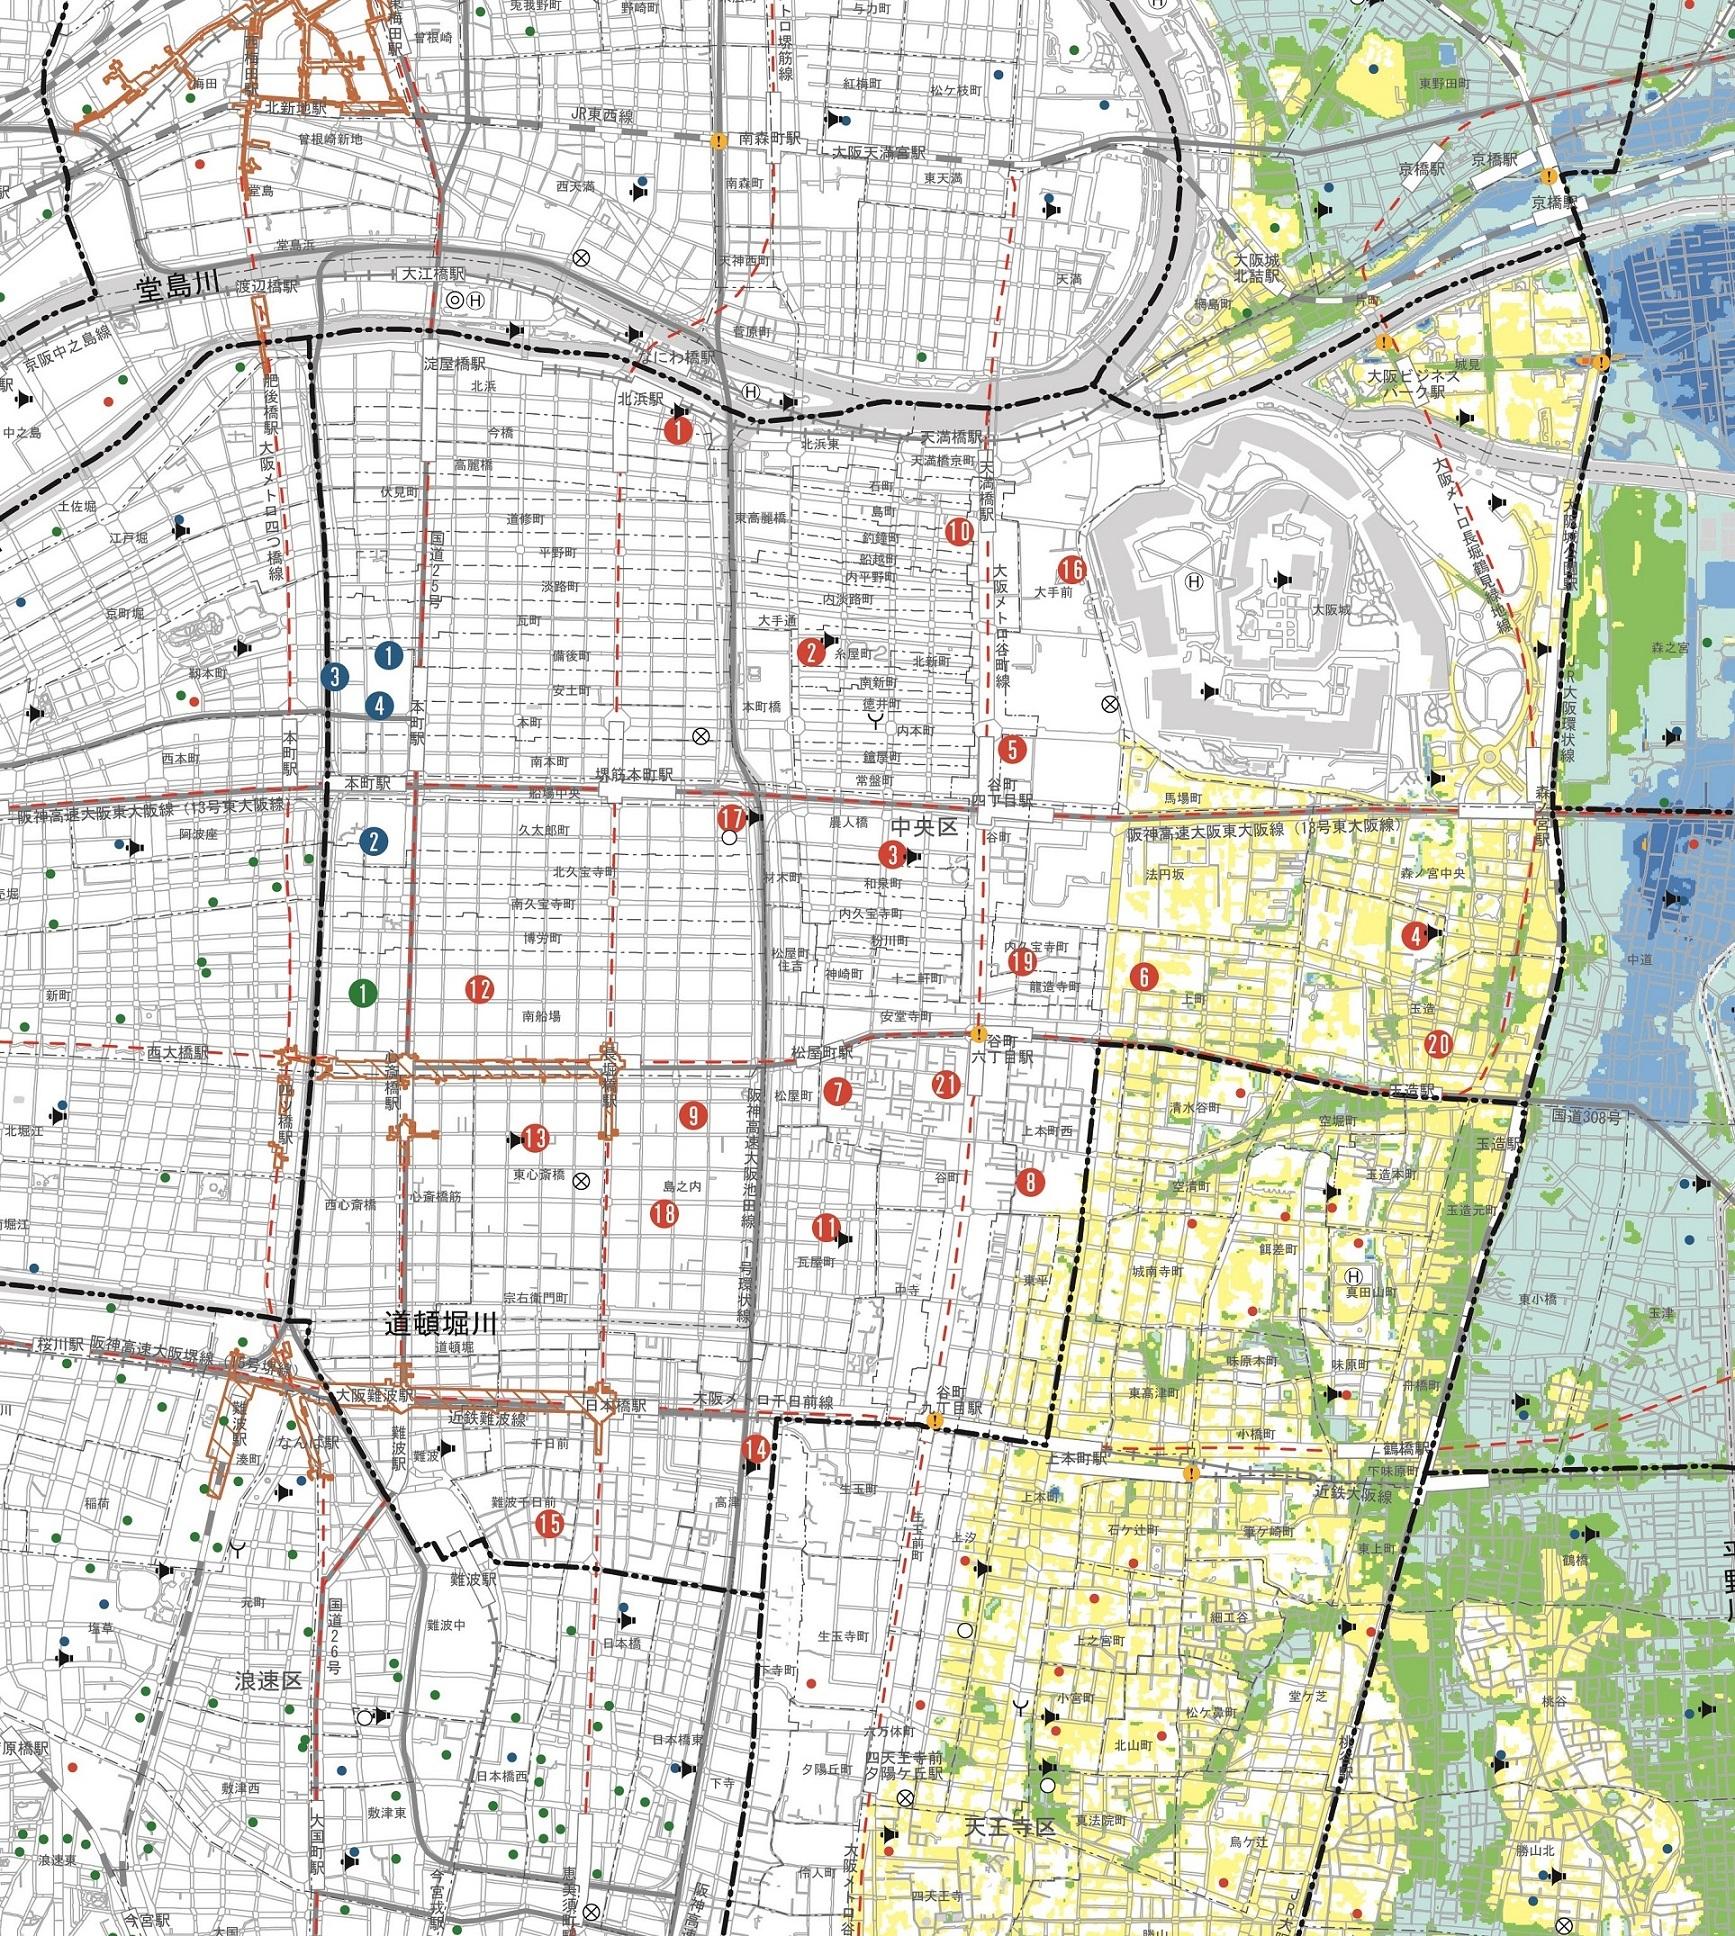 大阪市:水害ハザードマップ(中央区) (…>災害に備える>ハザードマップ)